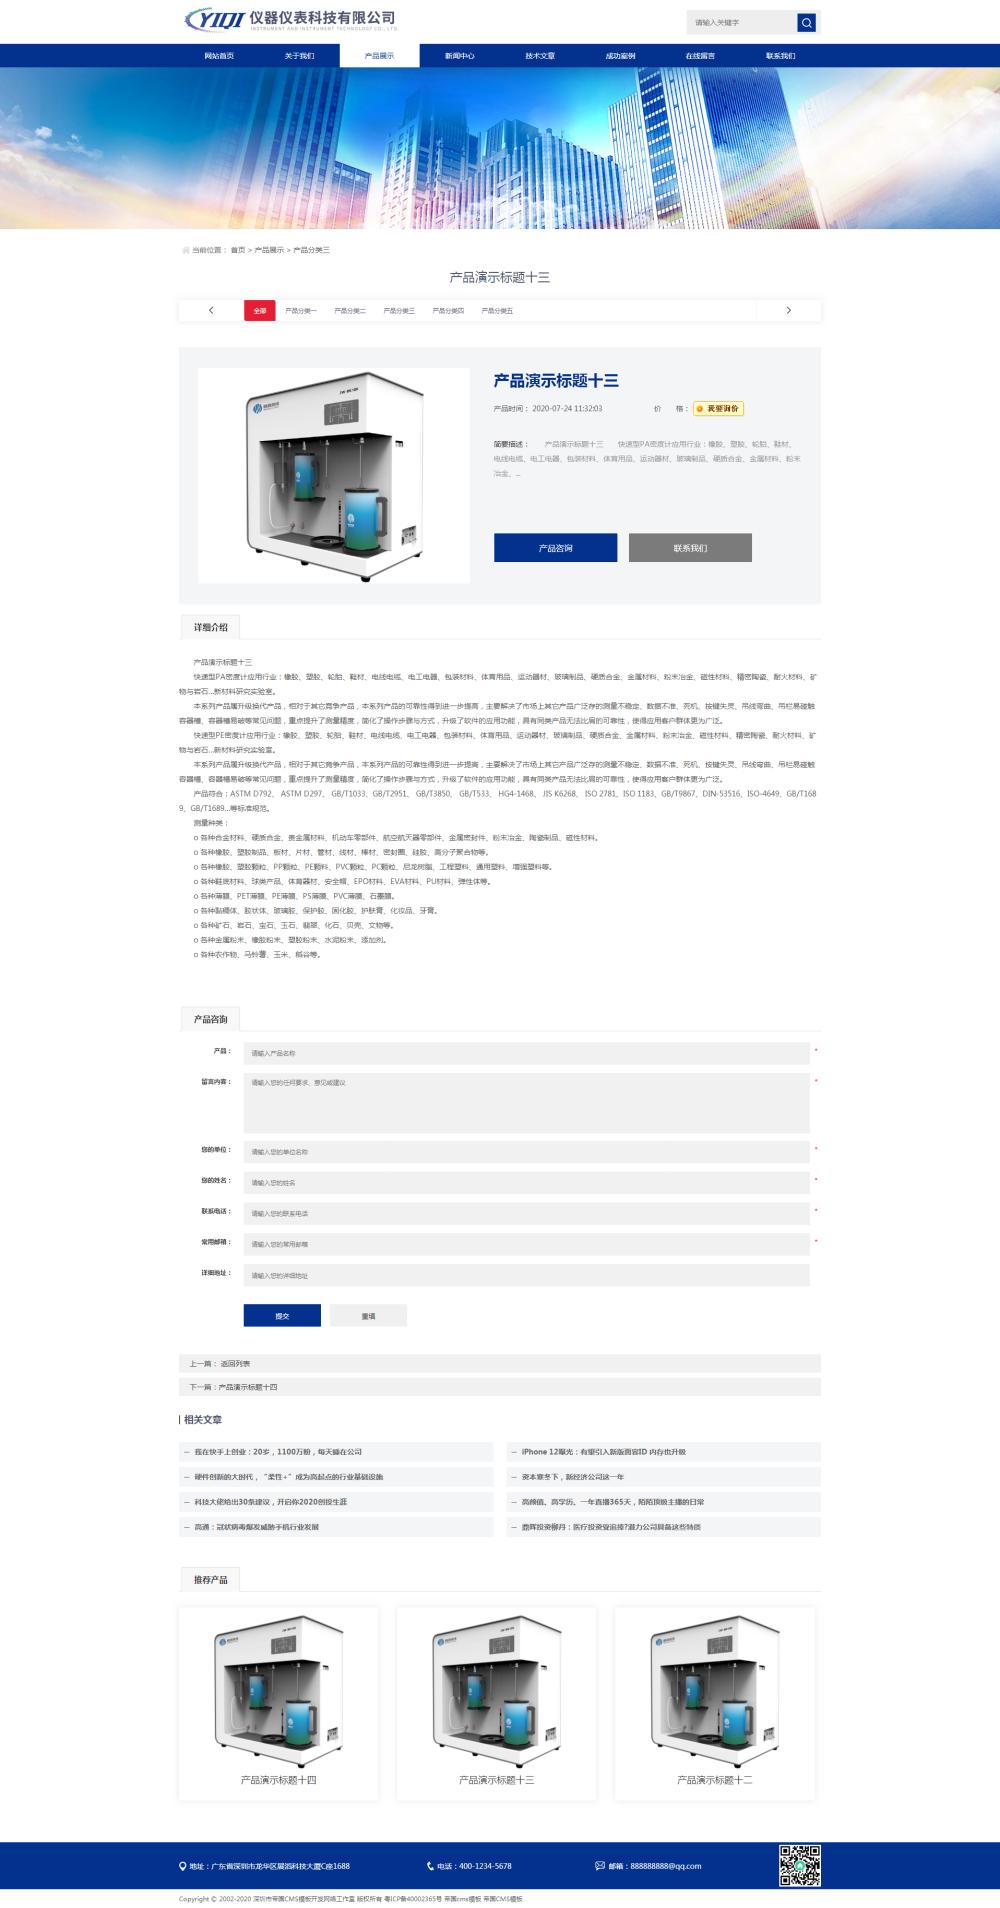 9产品内容页.png [DG-134]帝国CMS响应式仪器仪表科技网站帝国CMS模板 蓝色精密仪器设备帝国CMS整站网站源码 企业模板 第9张